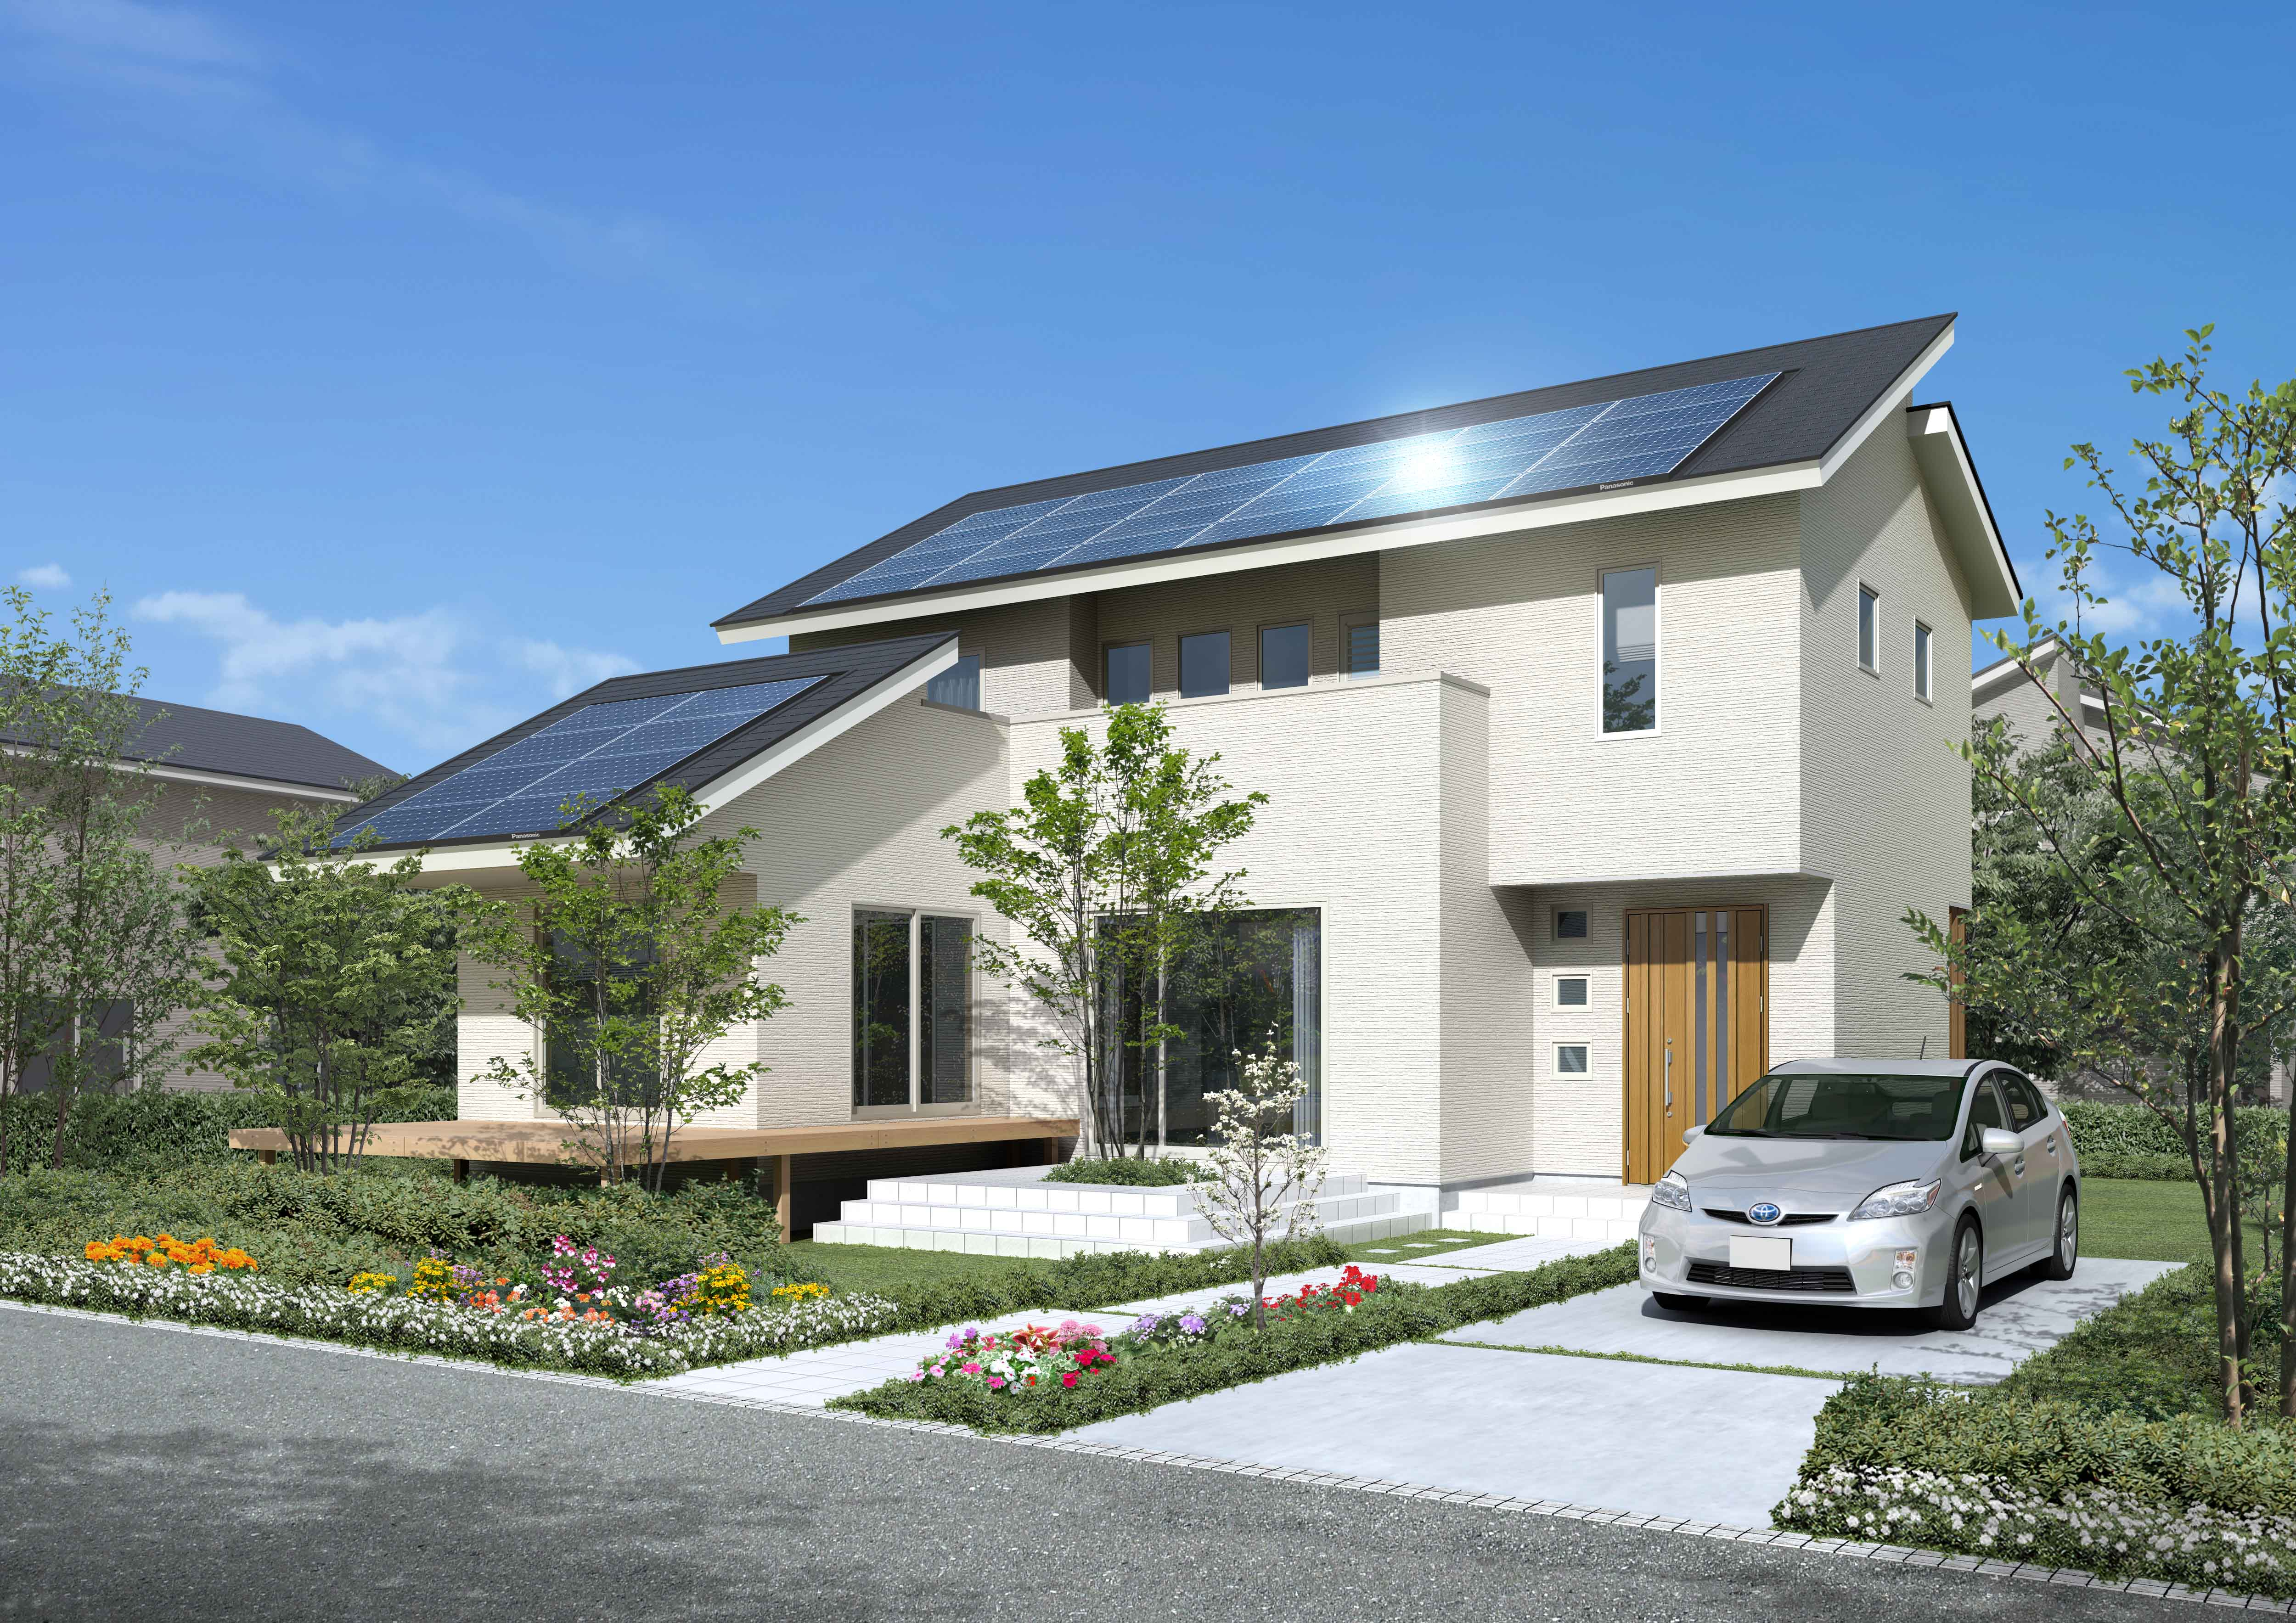 House Desighn パナソニック独自の耐震住宅工法「テクノストラクチャー」販売累計棟数40 000棟を達成 トピックス